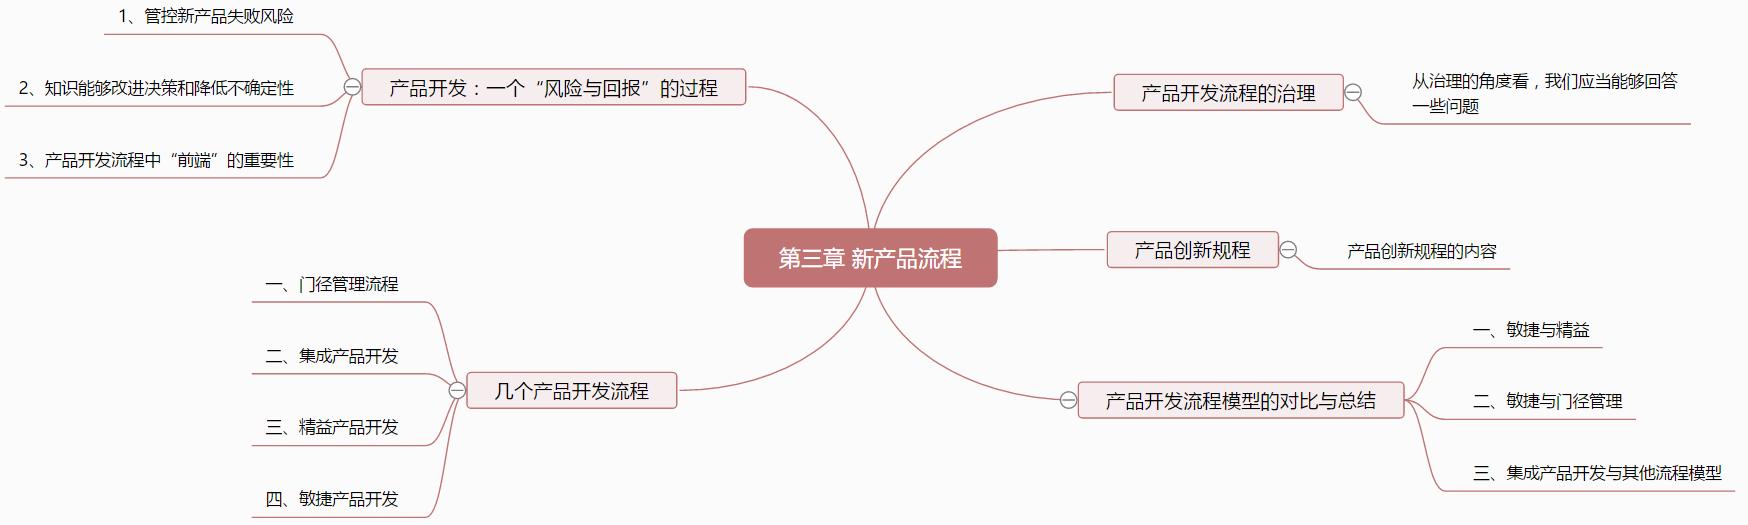 3.4 产品开发流程的治理